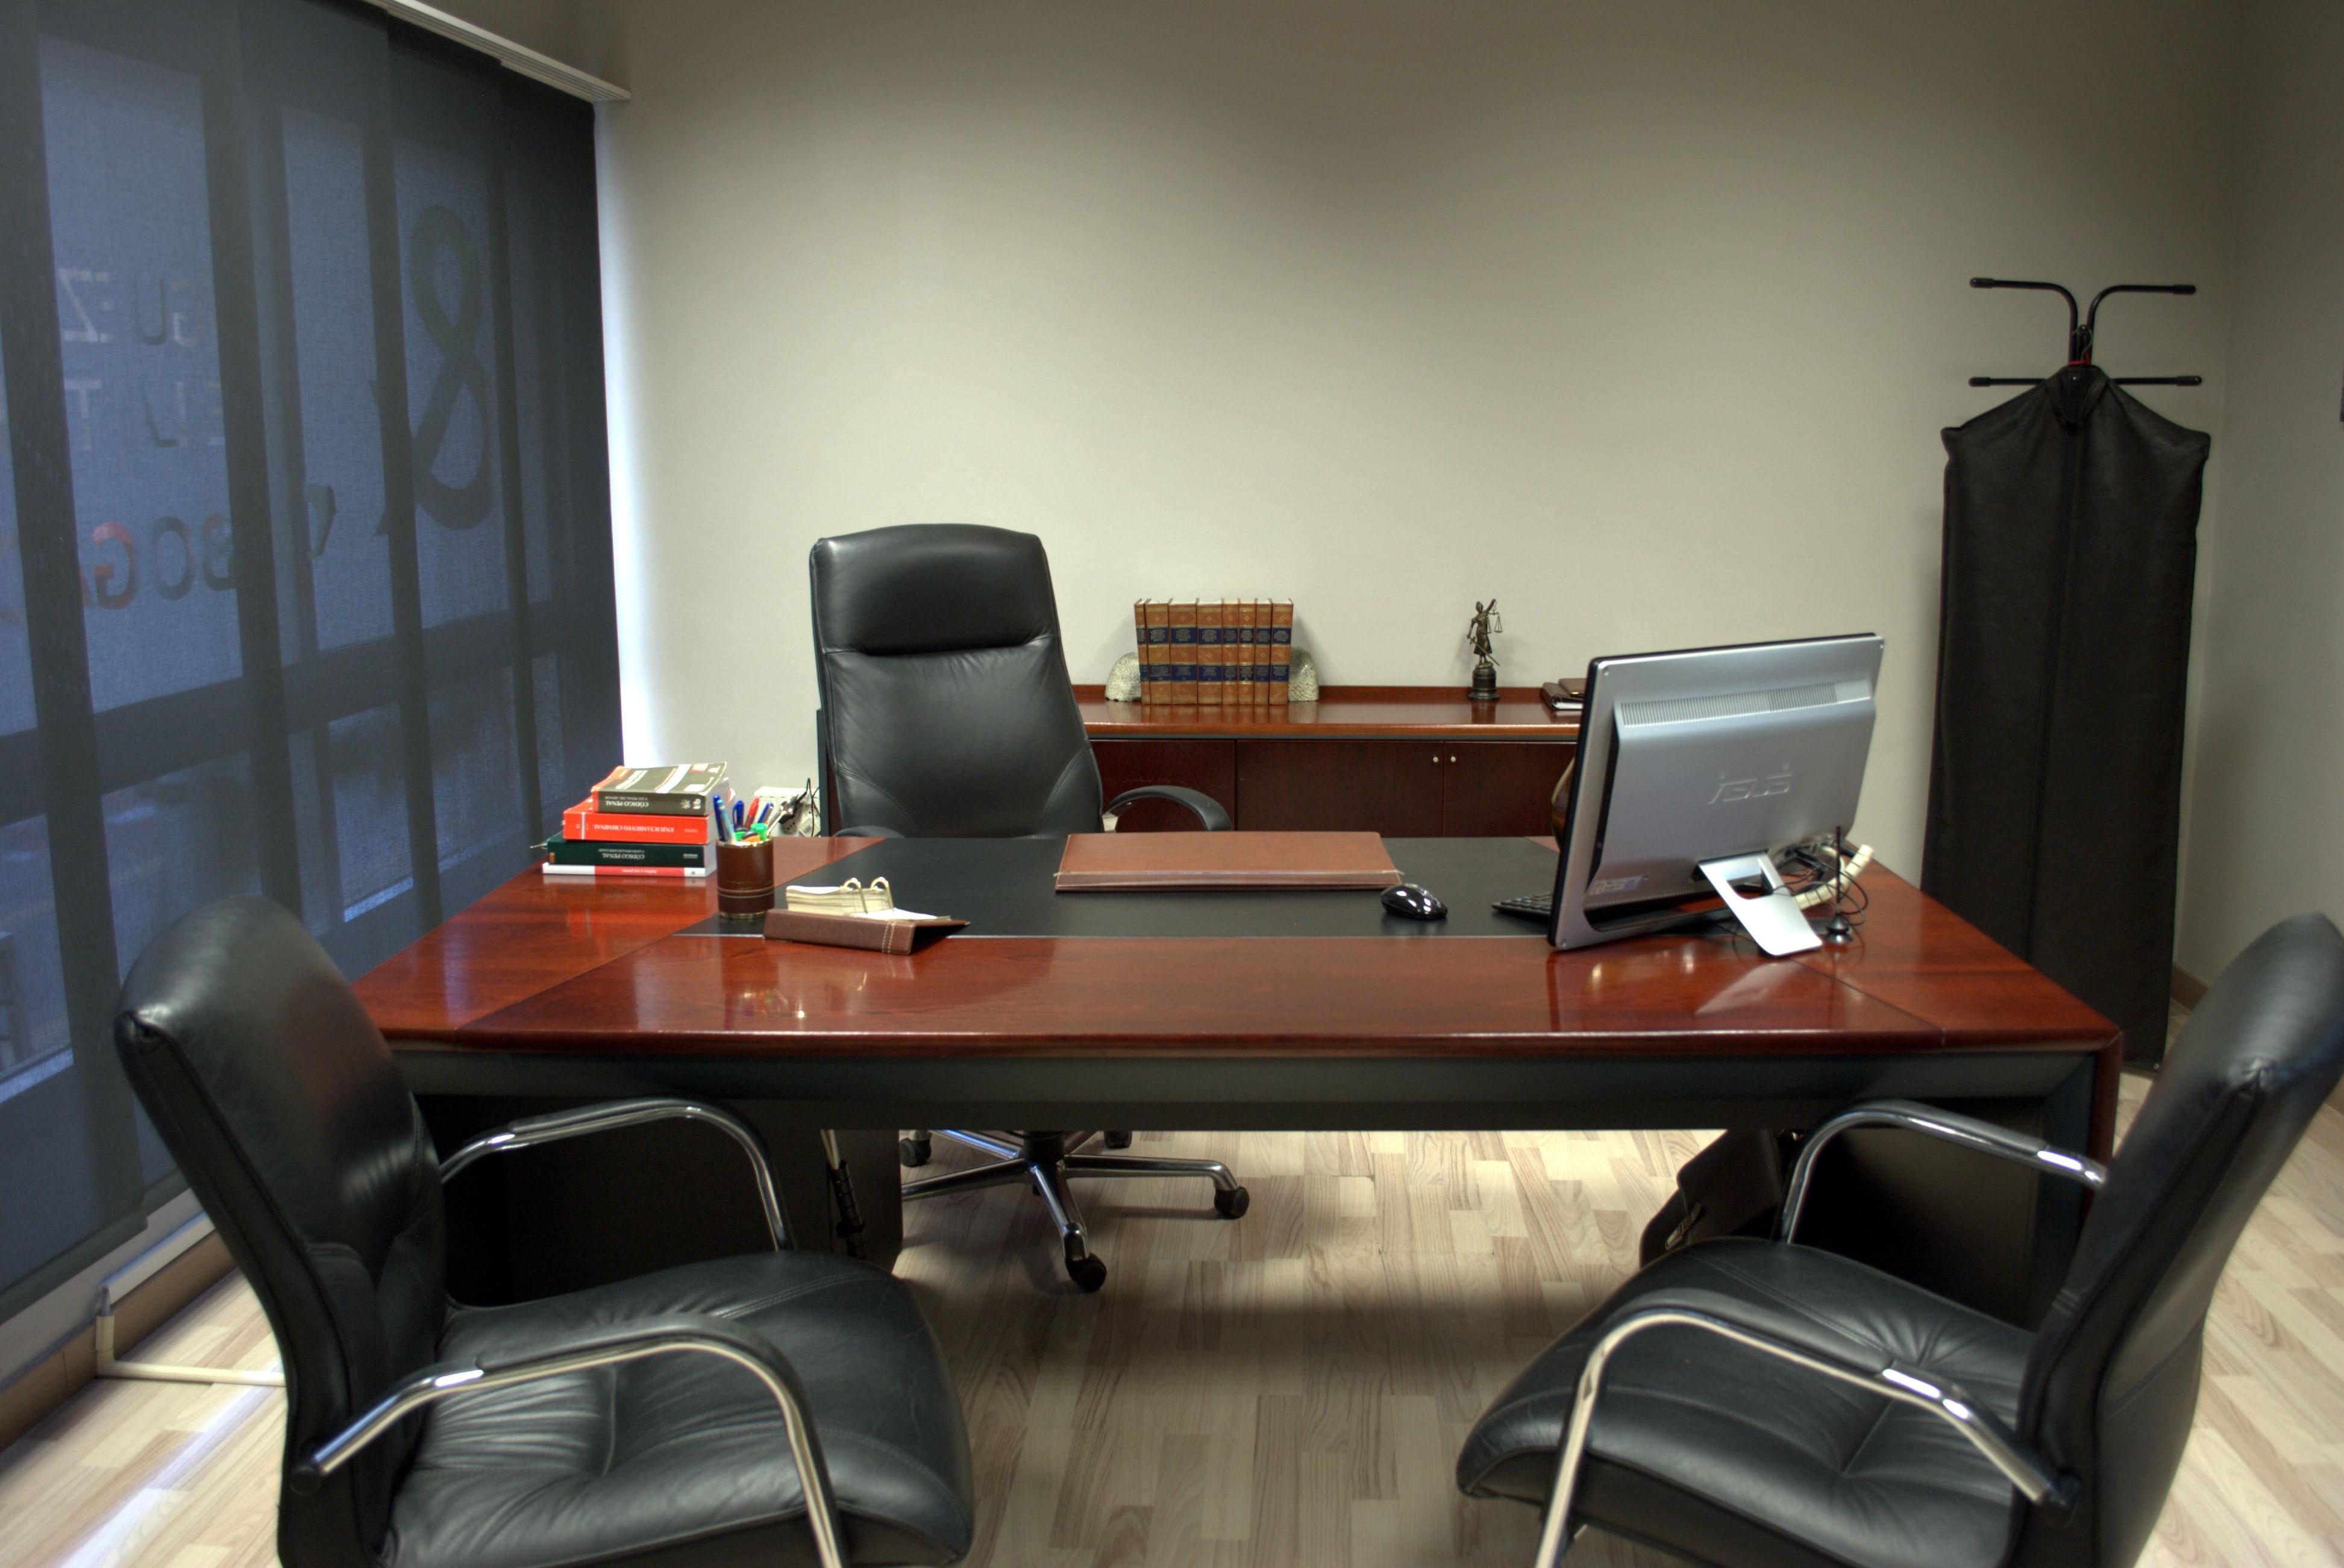 Propiedades, contratos y reclamaciones: Áreas jurídicas de Miguez & De La Torre Abogados